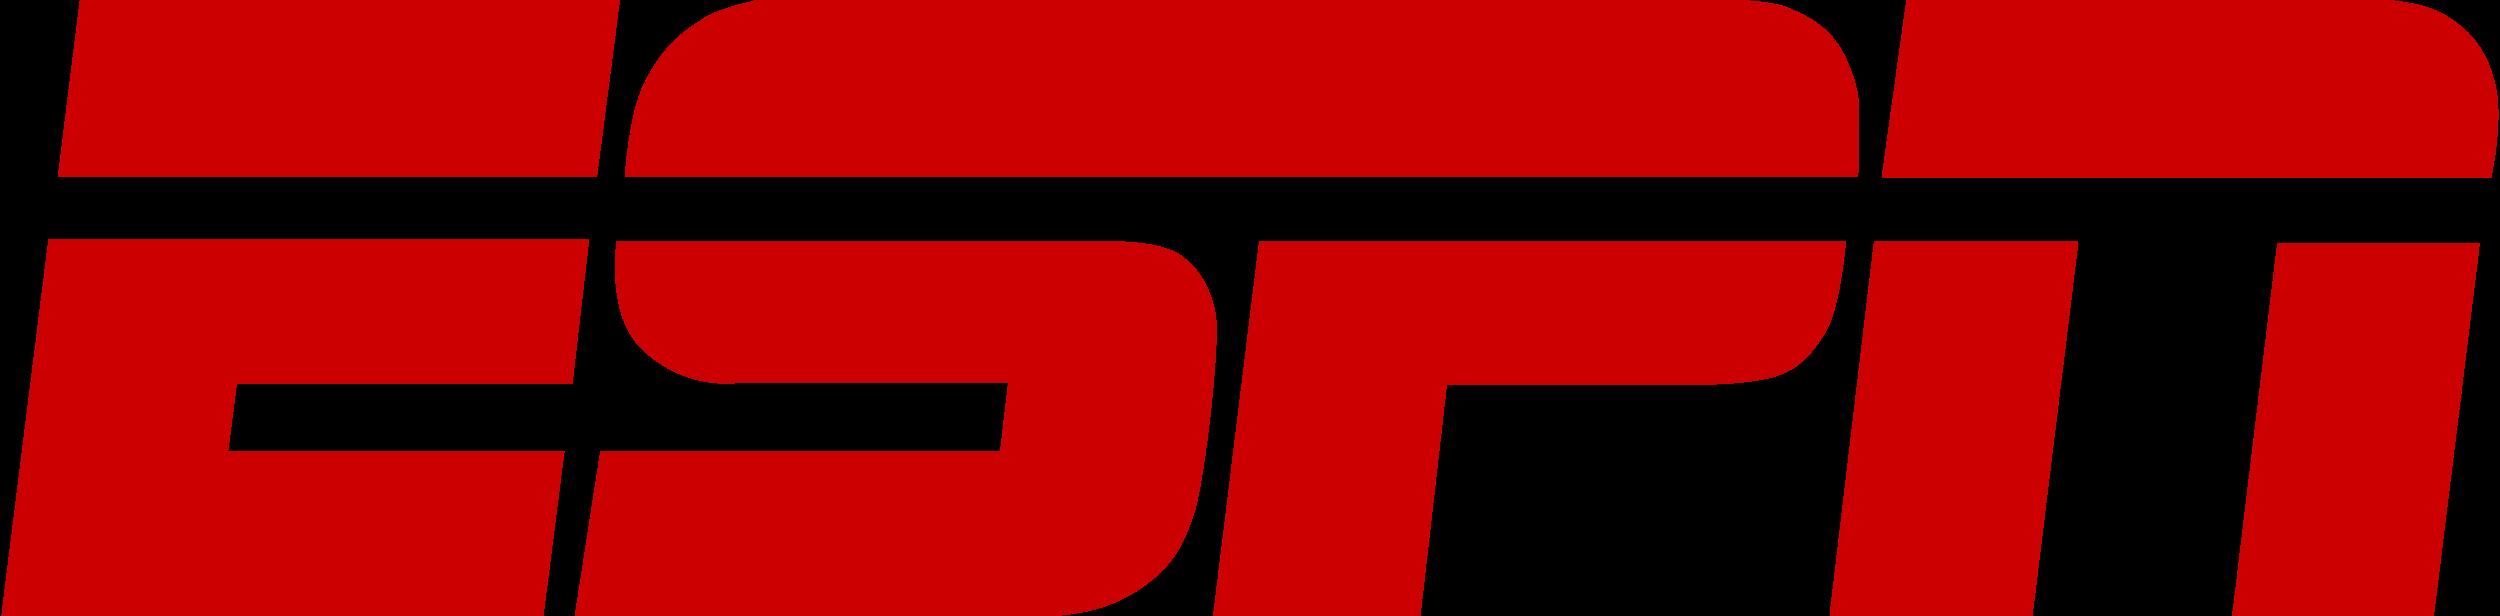 ESPN_logo_wordmark.png